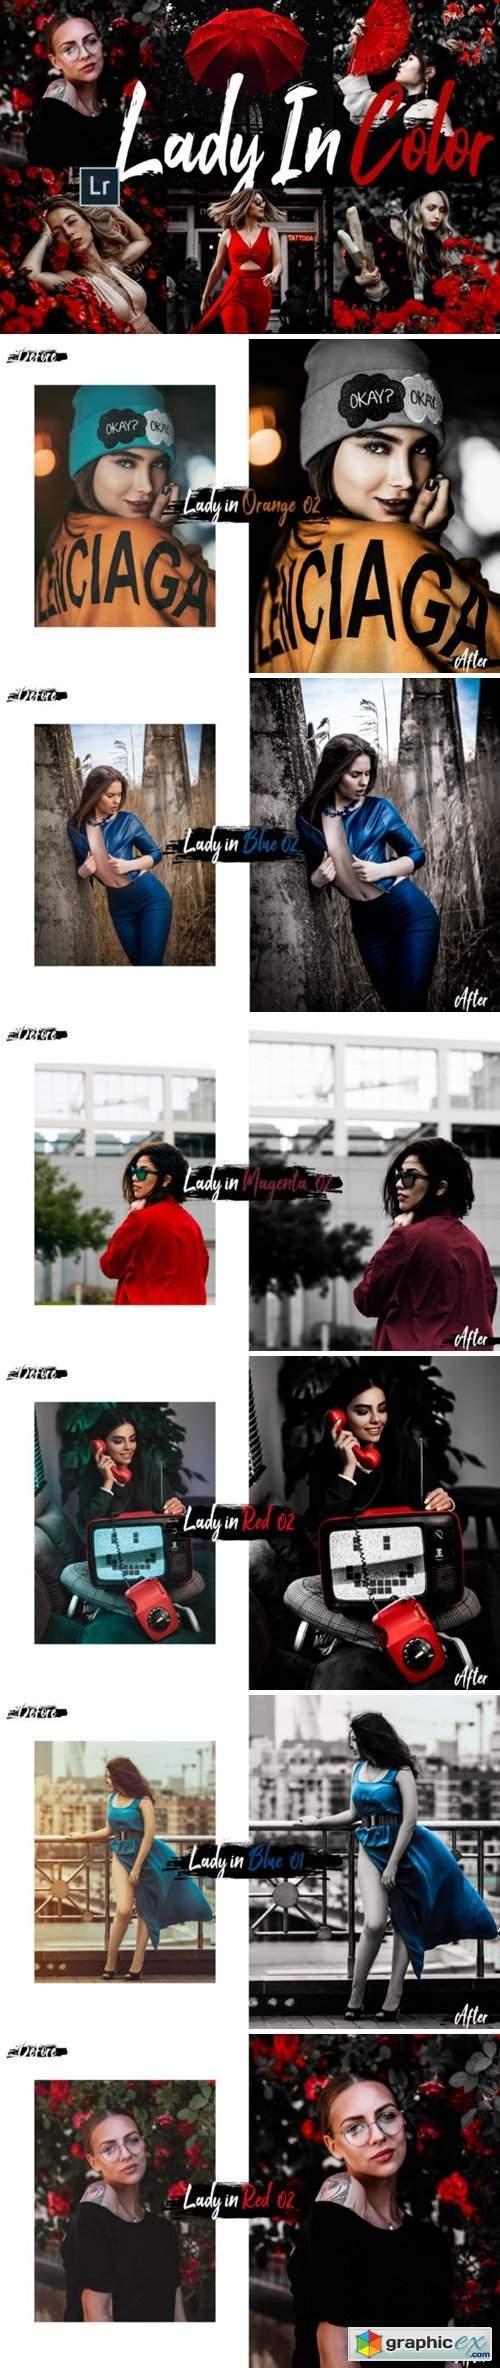 10 Lady in Color Mobile/Desktop Lightroom Preset